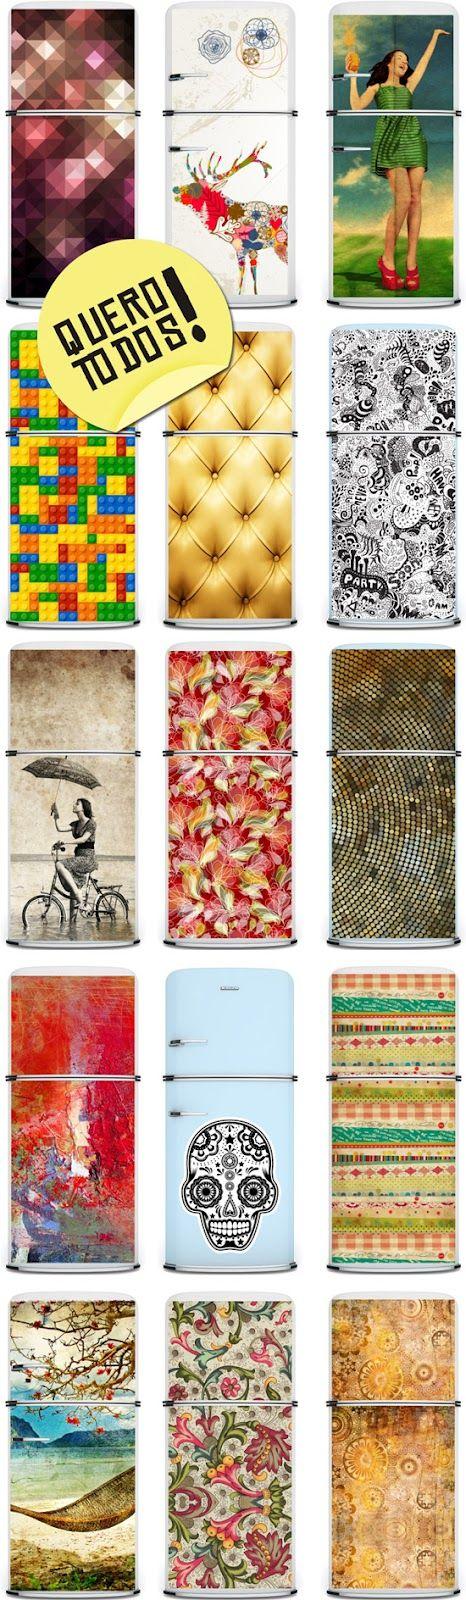 adesivos geladeira  www.decorviva.com.br